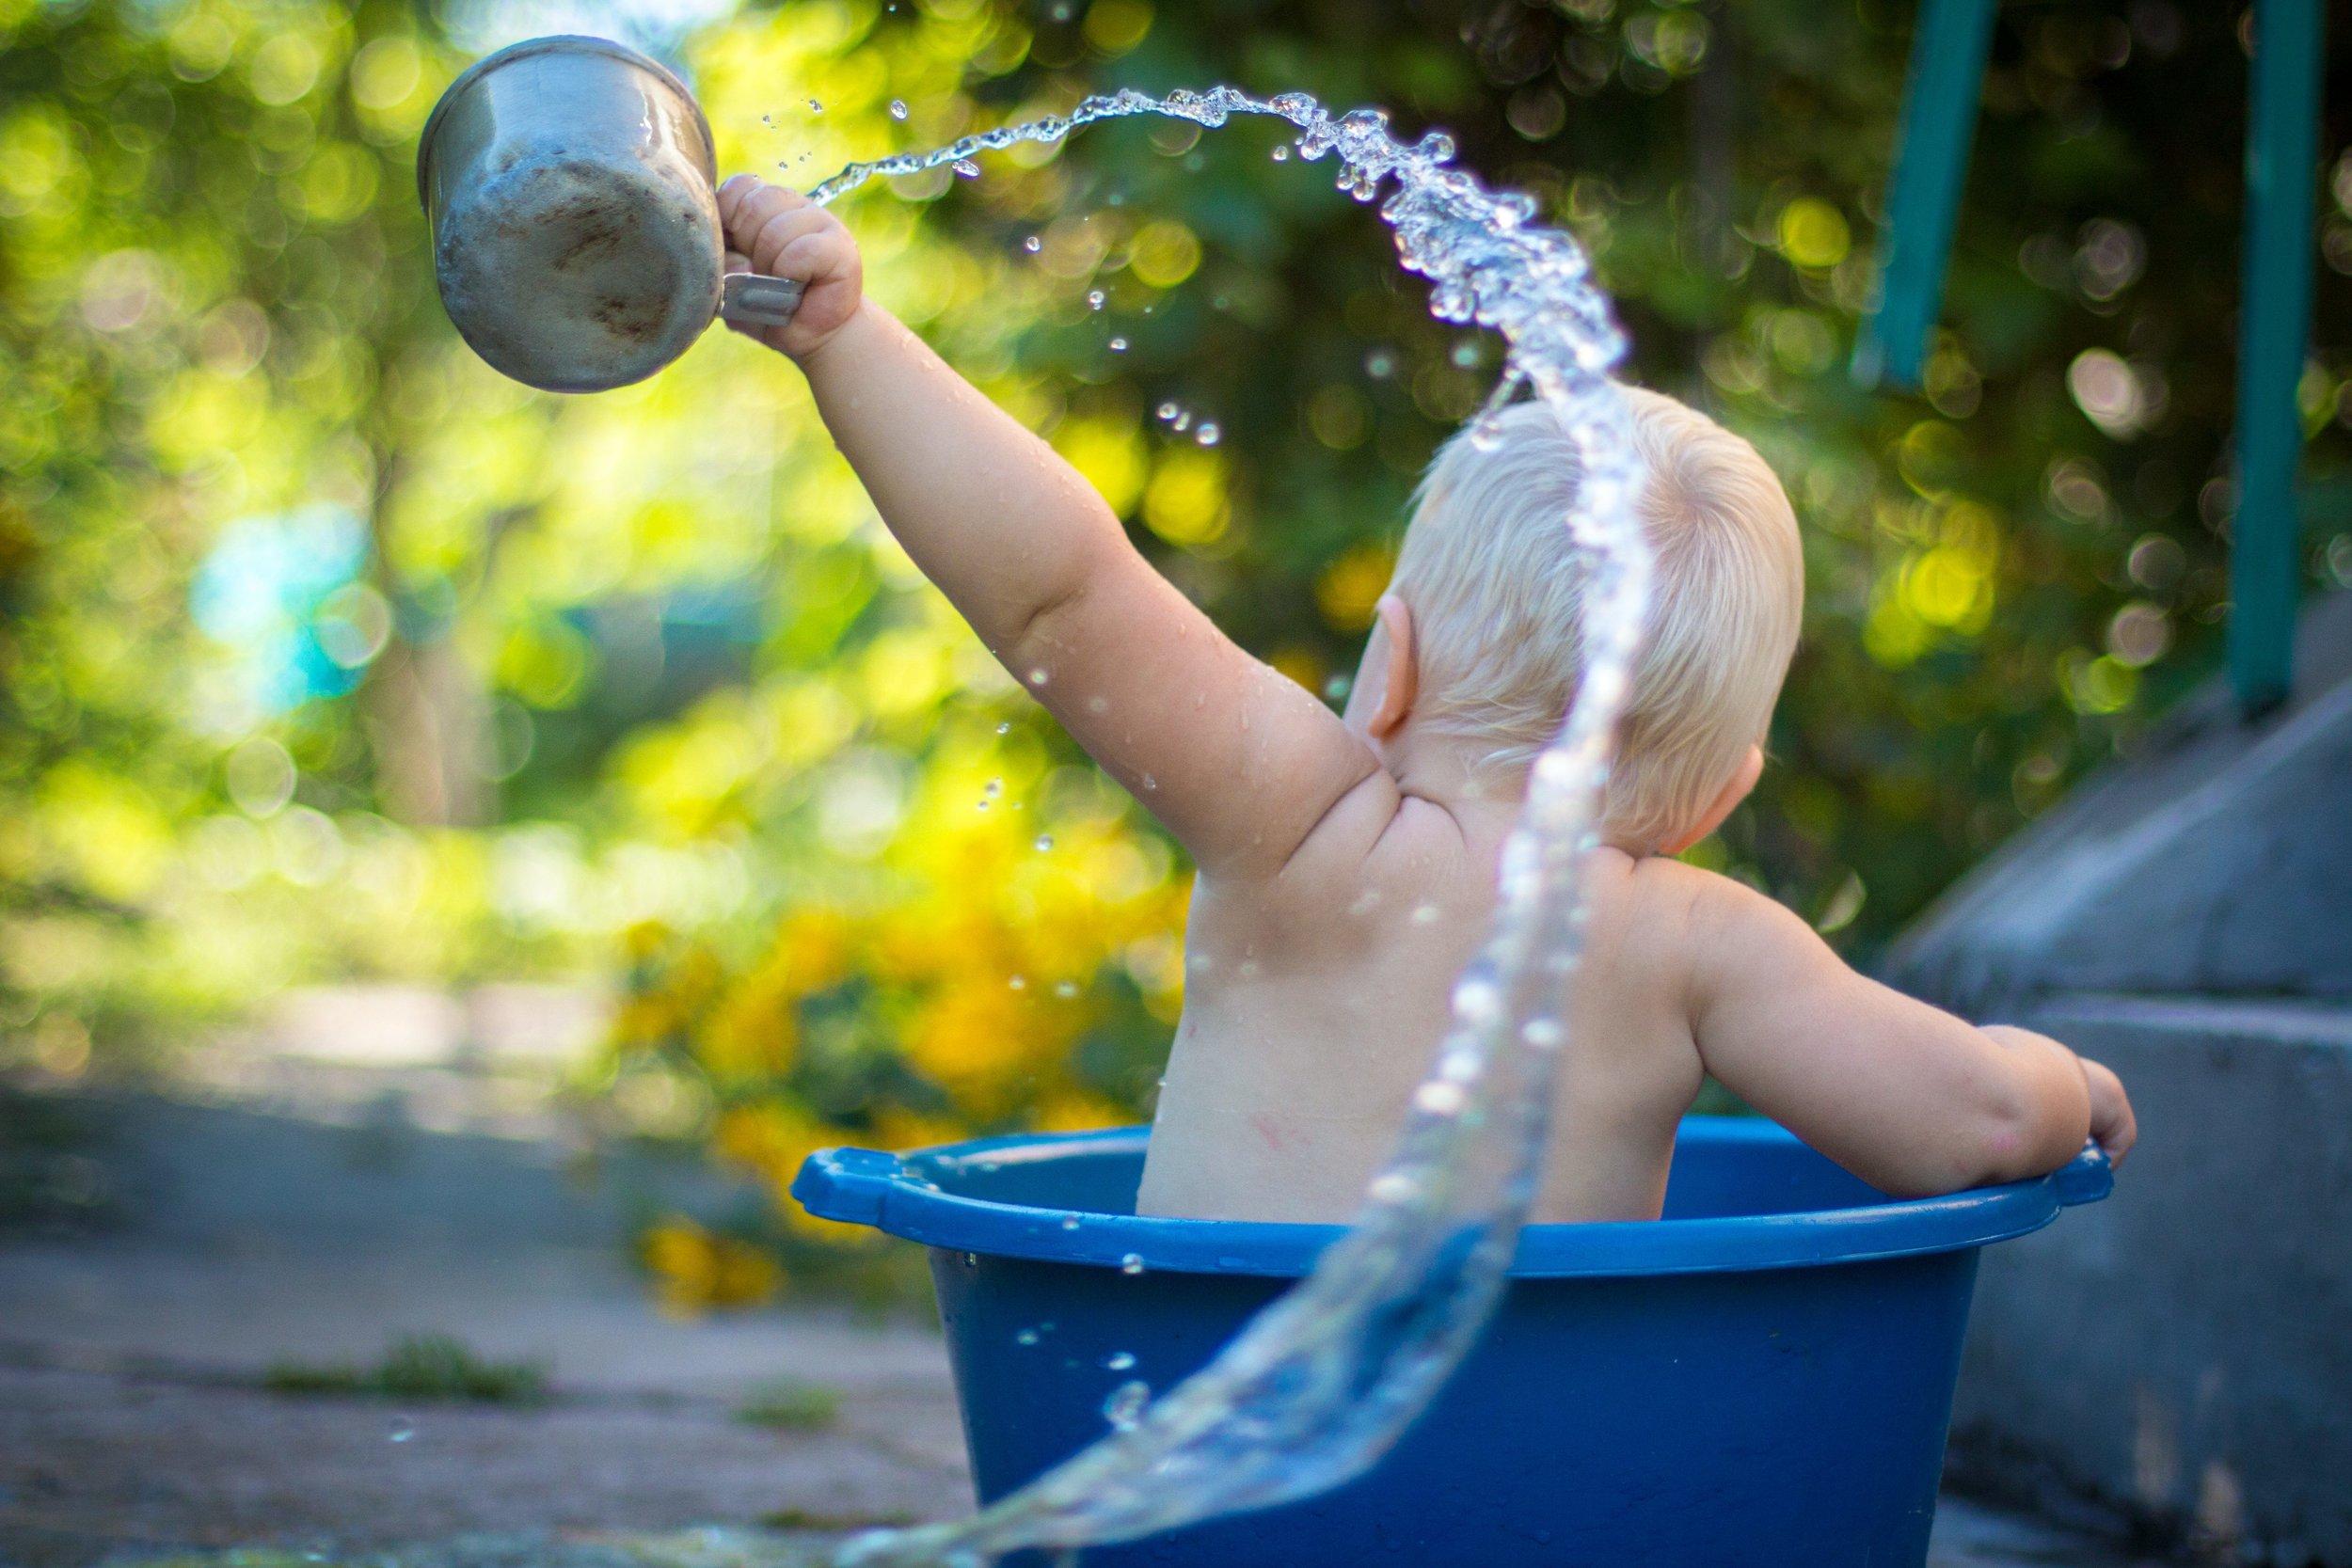 Exuberant baby photo by  Lubomirkin .